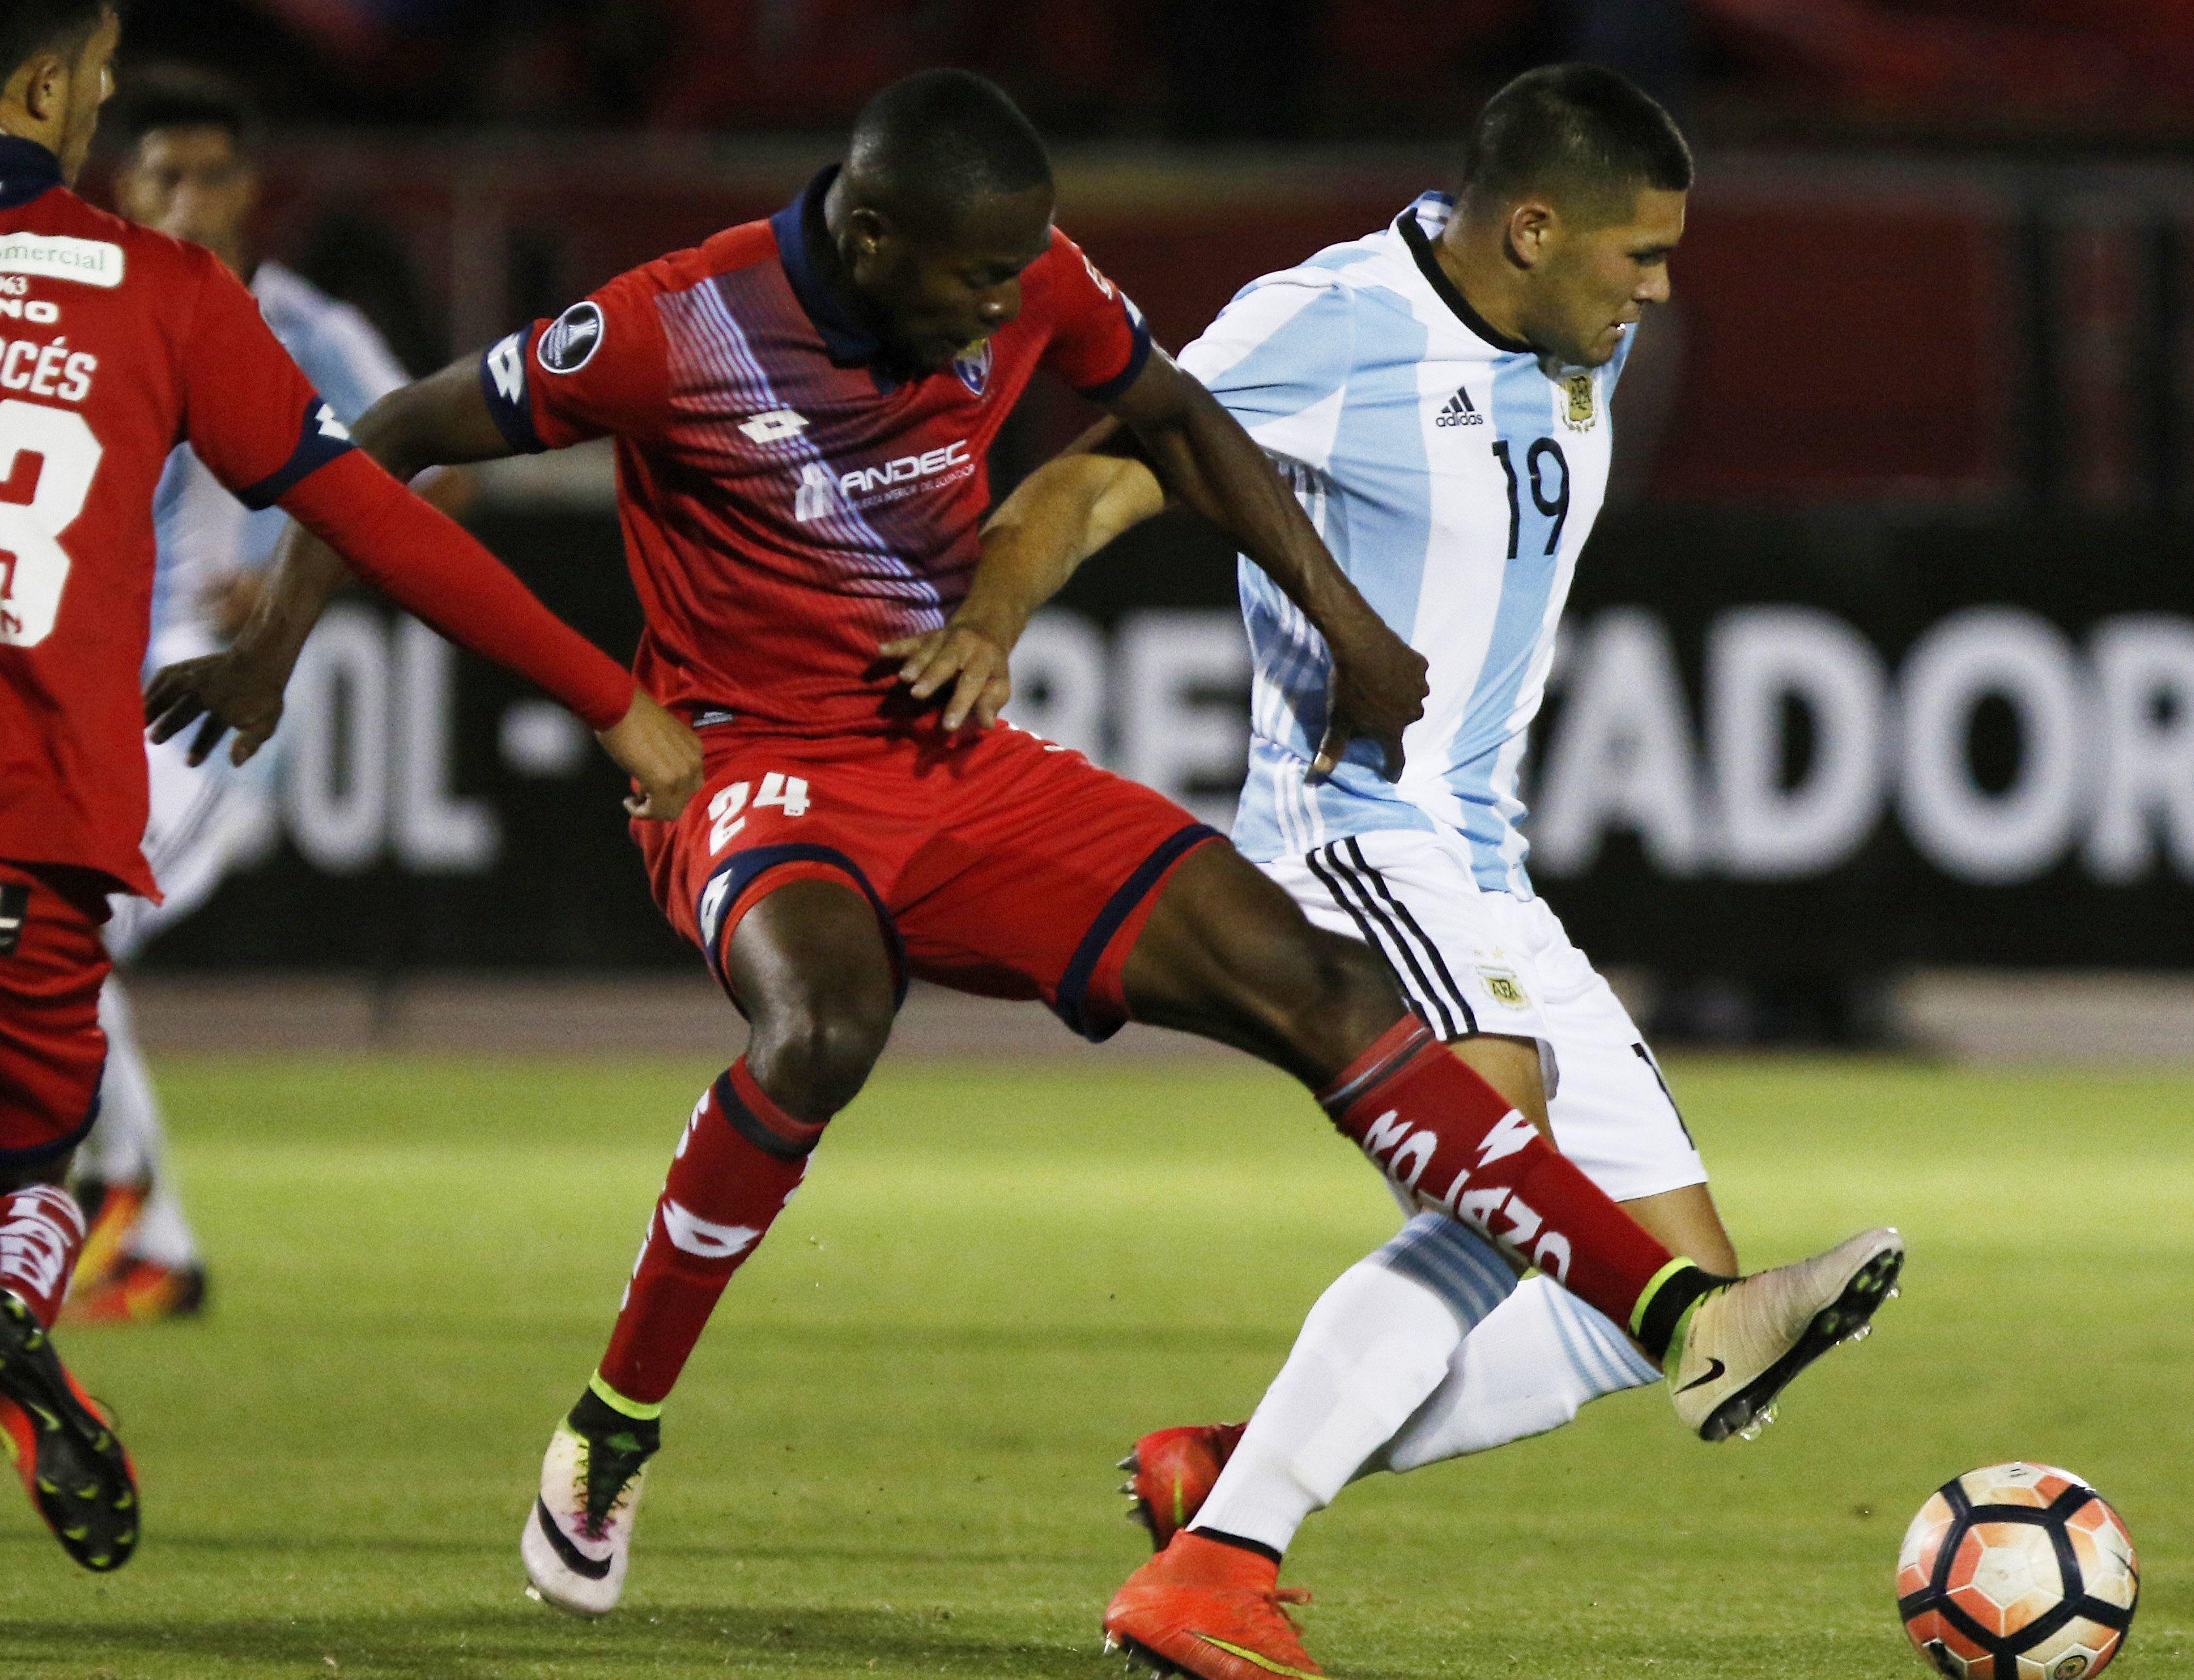 Atlético Tucumán dominó las acciones durante gran parte del partido